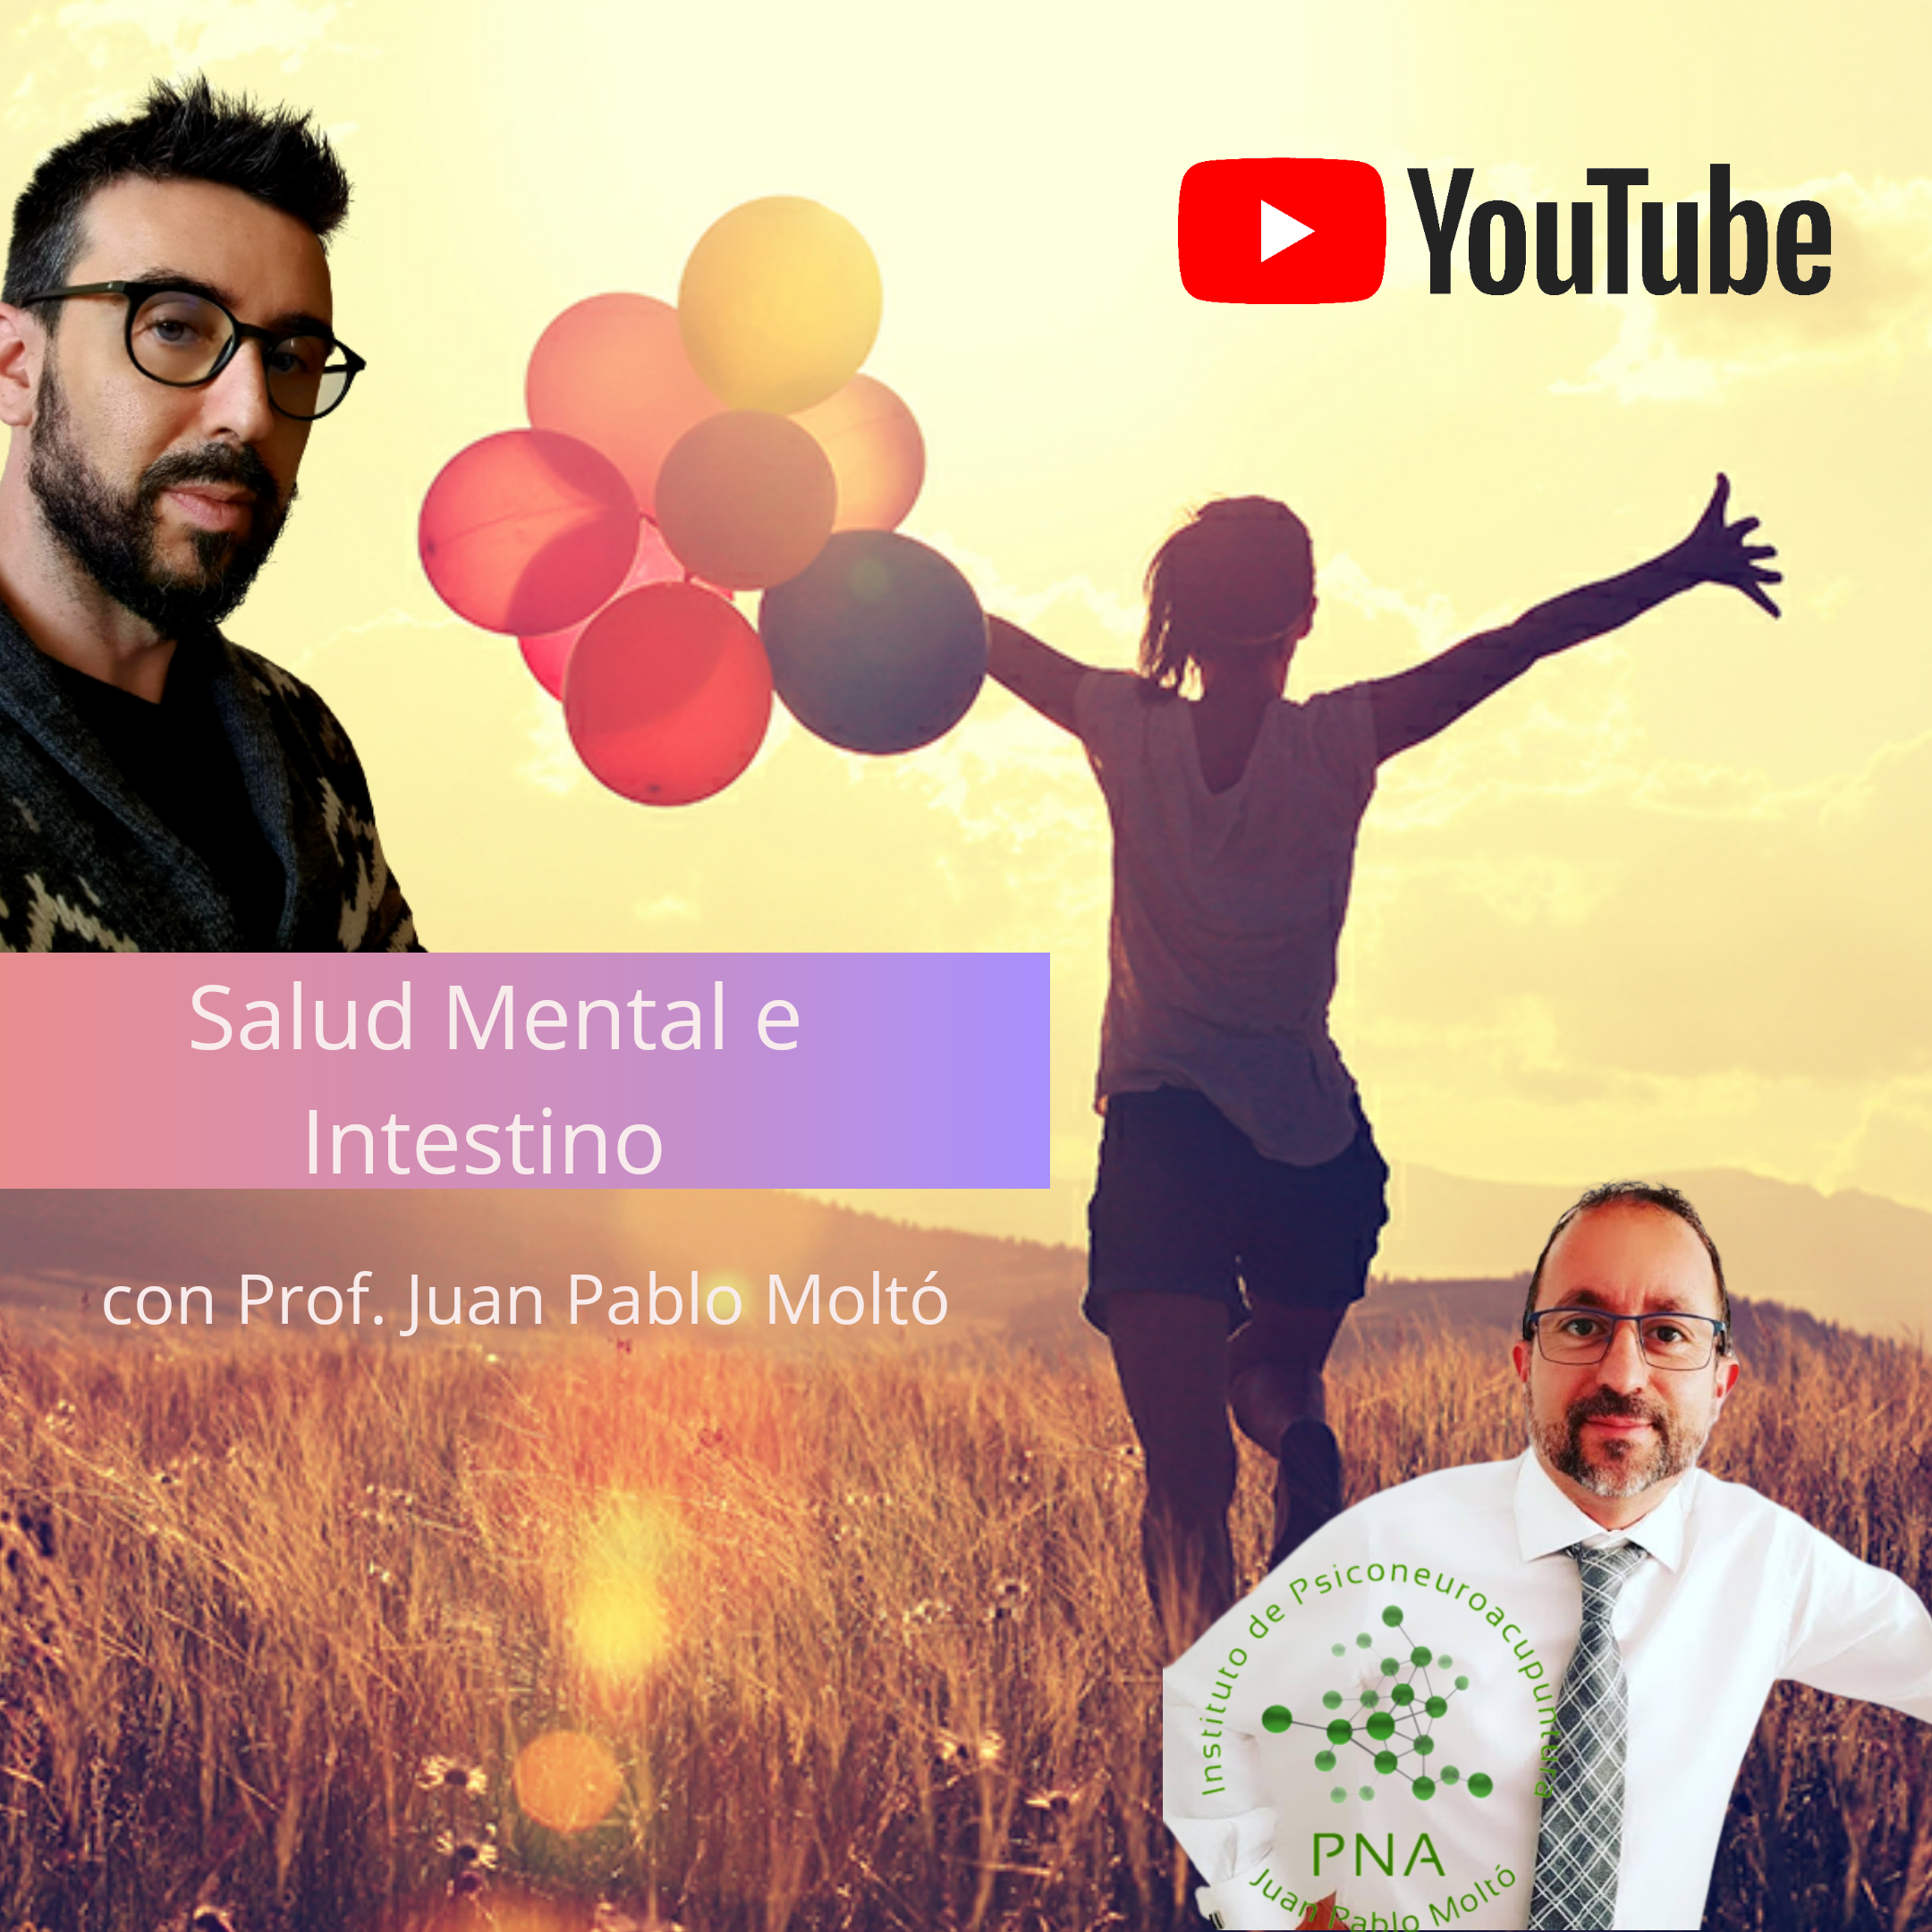 Entrevista a Pedro Rodríguez en el Canal de PNA